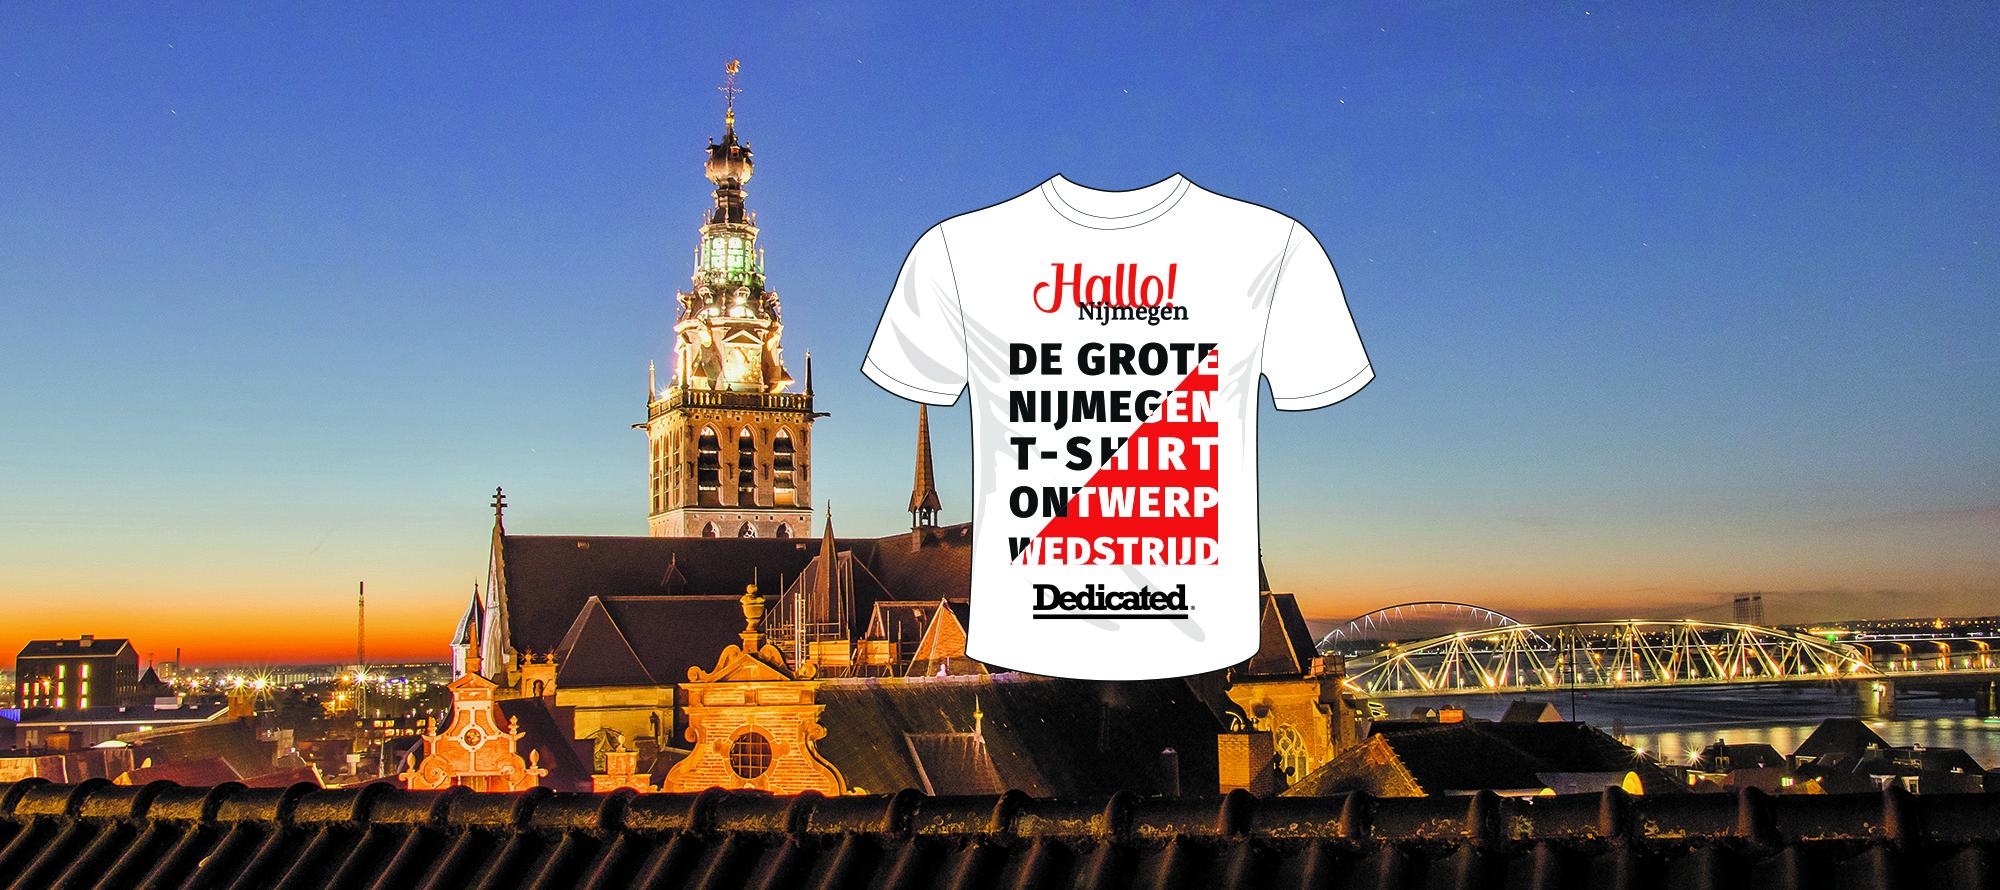 De grote Hallo! Nijmegen t-shirt ontwerp wedstrijd